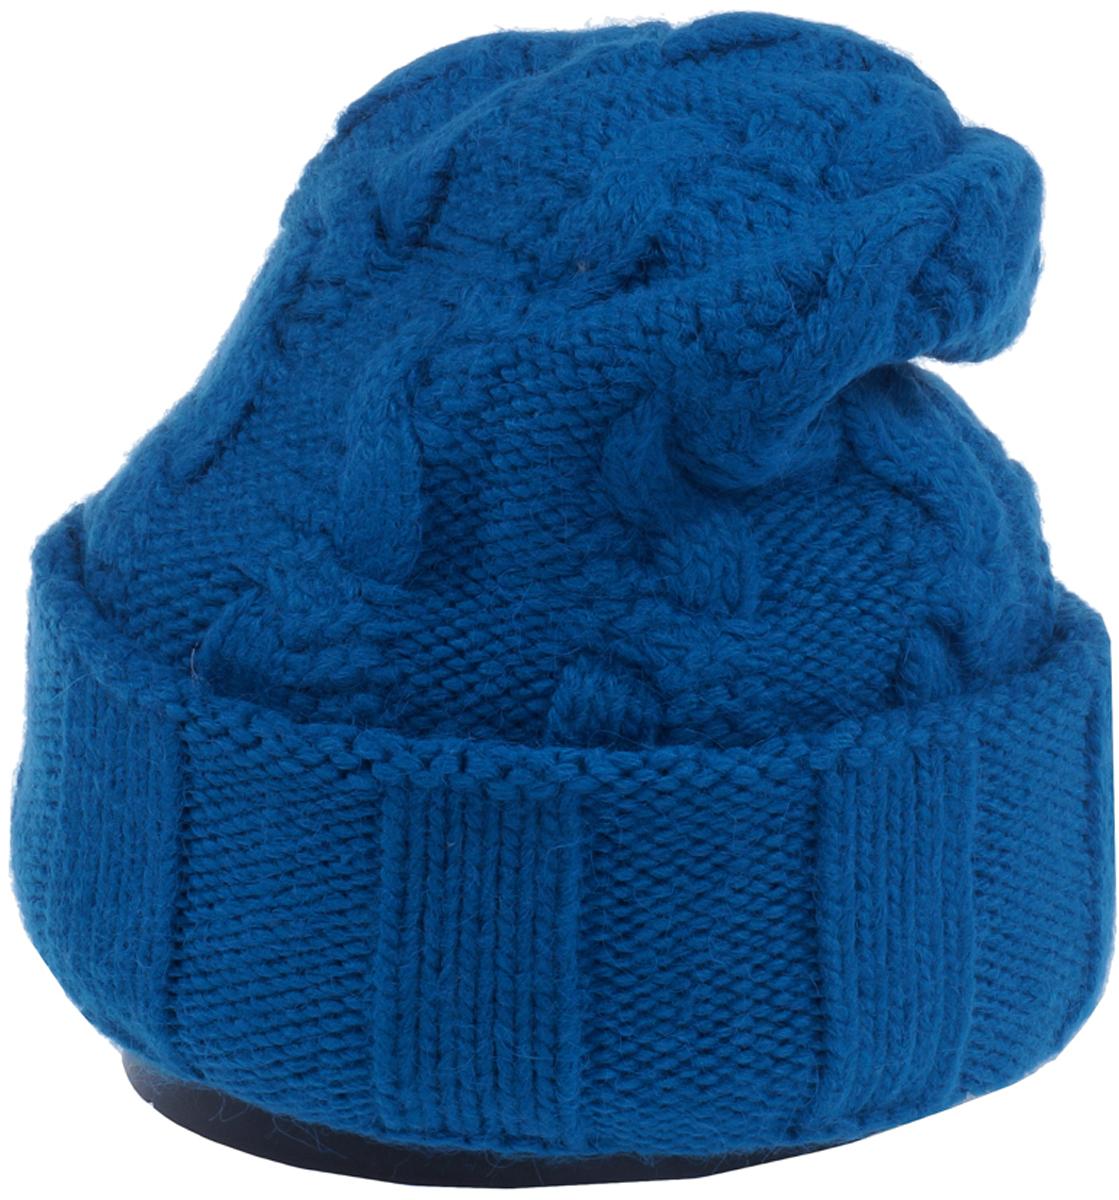 Шапка женская Vittorio Richi, цвет: бирюза. Aut141937V-19/17. Размер 56/58Aut141937VСтильная женская шапка Vittorio Richi отлично дополнит ваш образ в холодную погоду. Модель, изготовленная из высококачественных материалов, максимально сохраняет тепло и обеспечивает удобную посадку. Шапка дополнена ажурной вязкой. Привлекательная стильная шапка подчеркнет ваш неповторимый стиль и индивидуальность.Шапка двойная